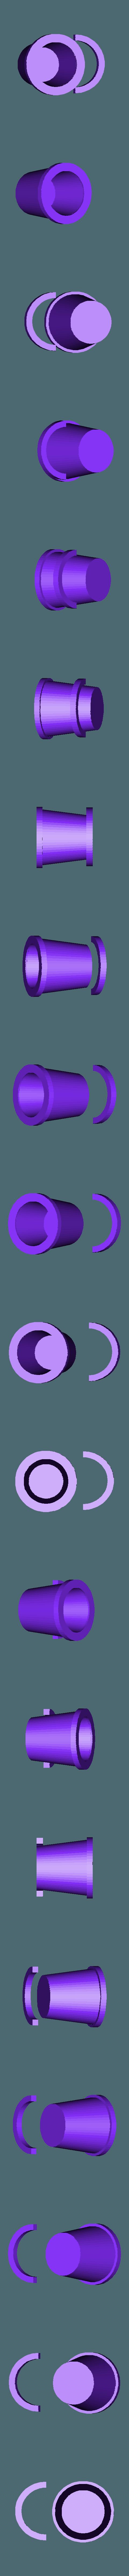 bucket.obj Télécharger fichier OBJ gratuit Château de sable • Objet à imprimer en 3D, AlexT1